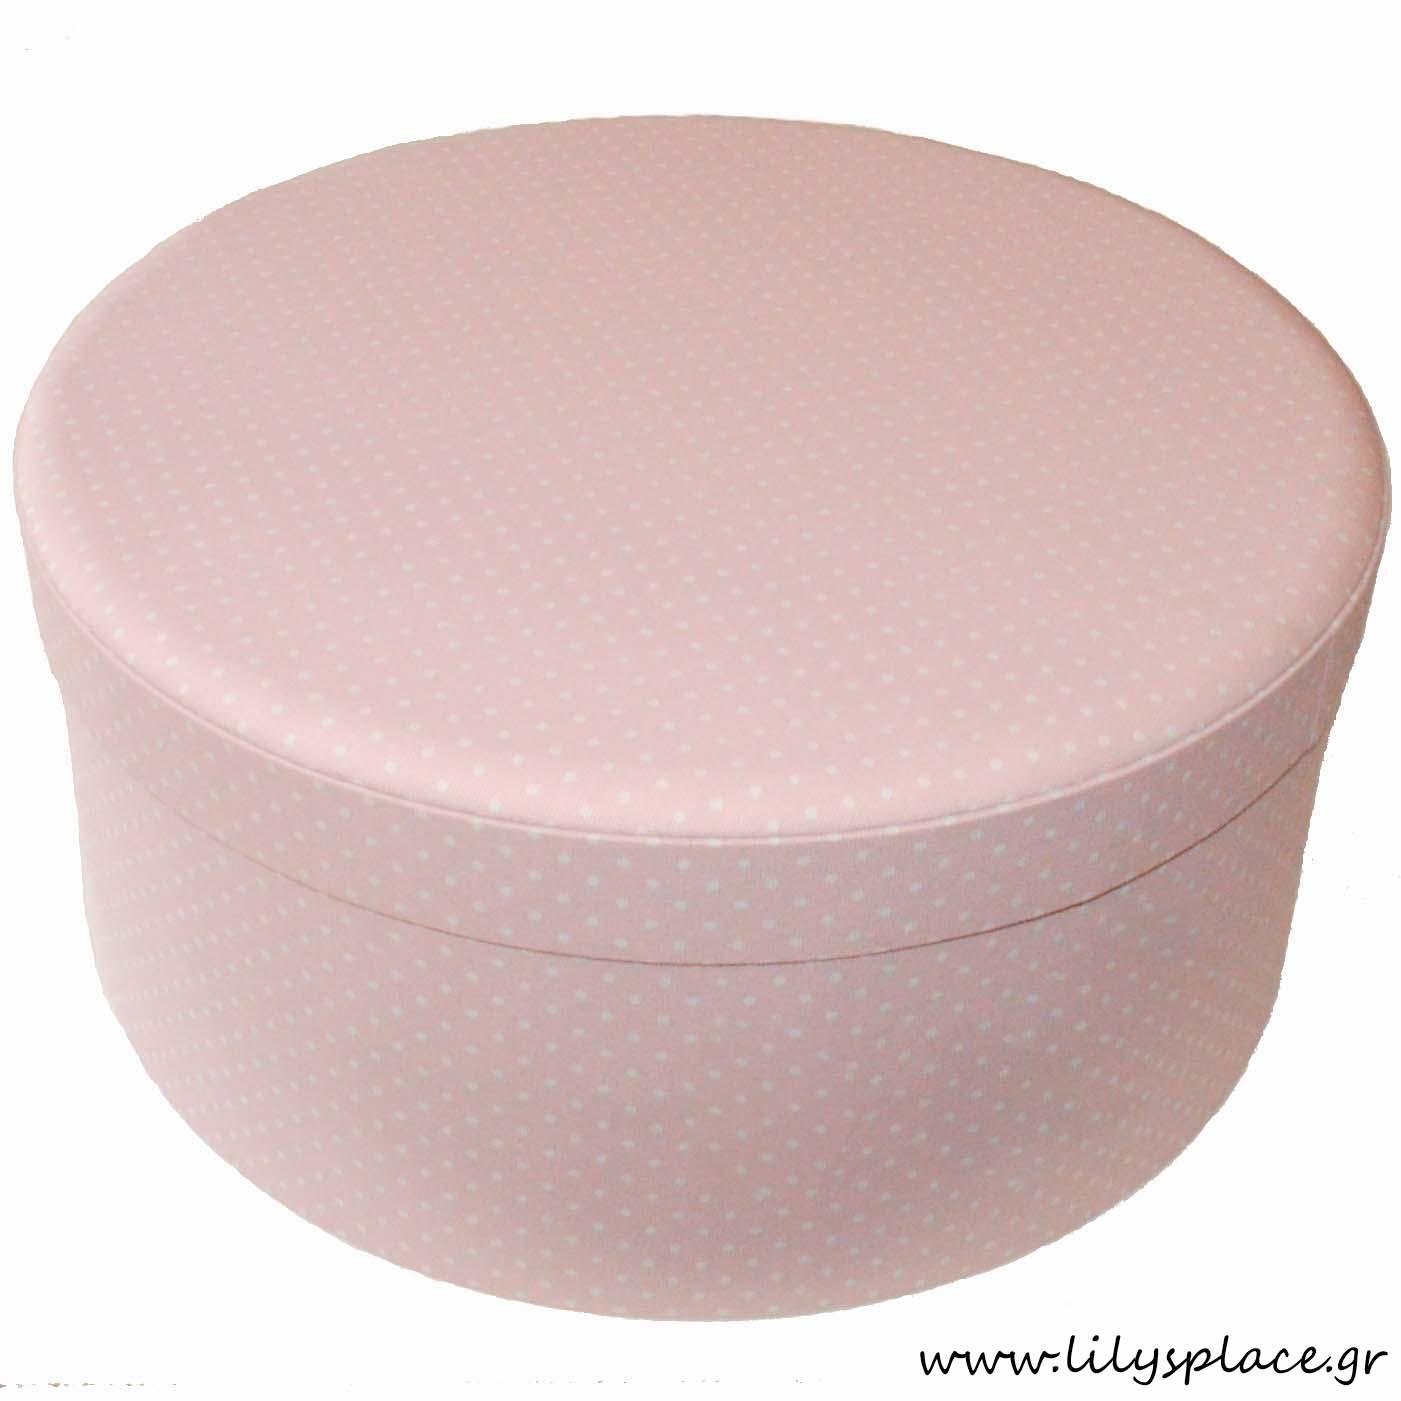 Κουτί βάπτισης υφασμάτινο στρογγυλό